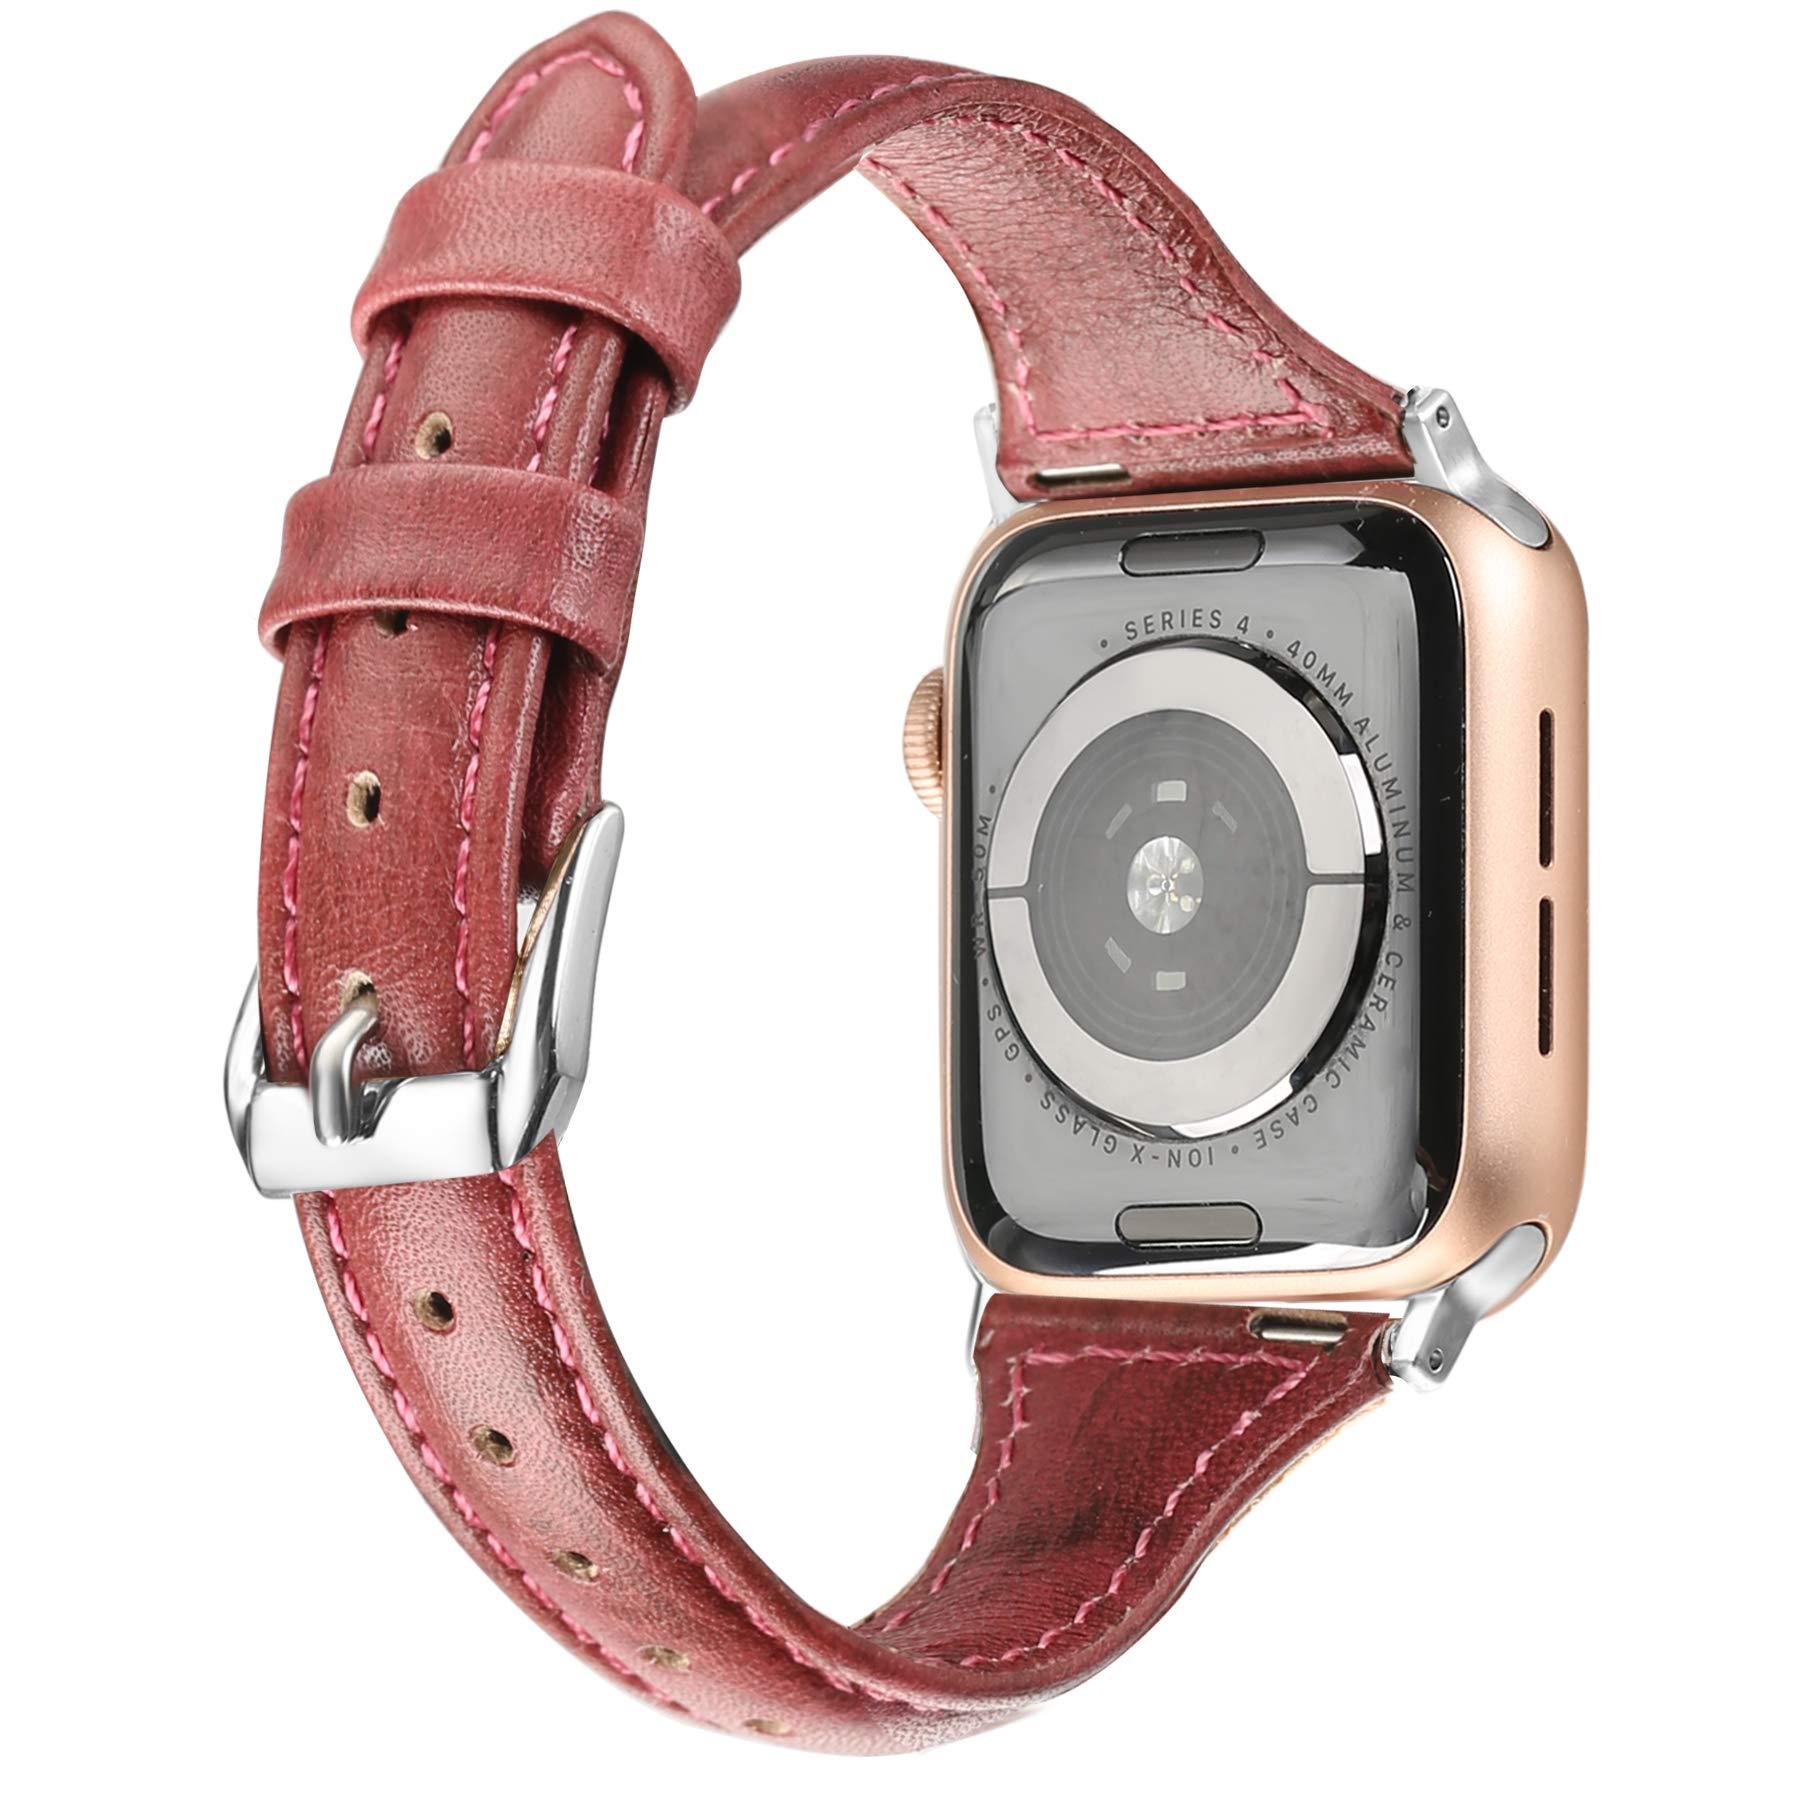 Malla Cuero para Apple Watch (38/40mm) SECBOLT [7RYRZ1P1]